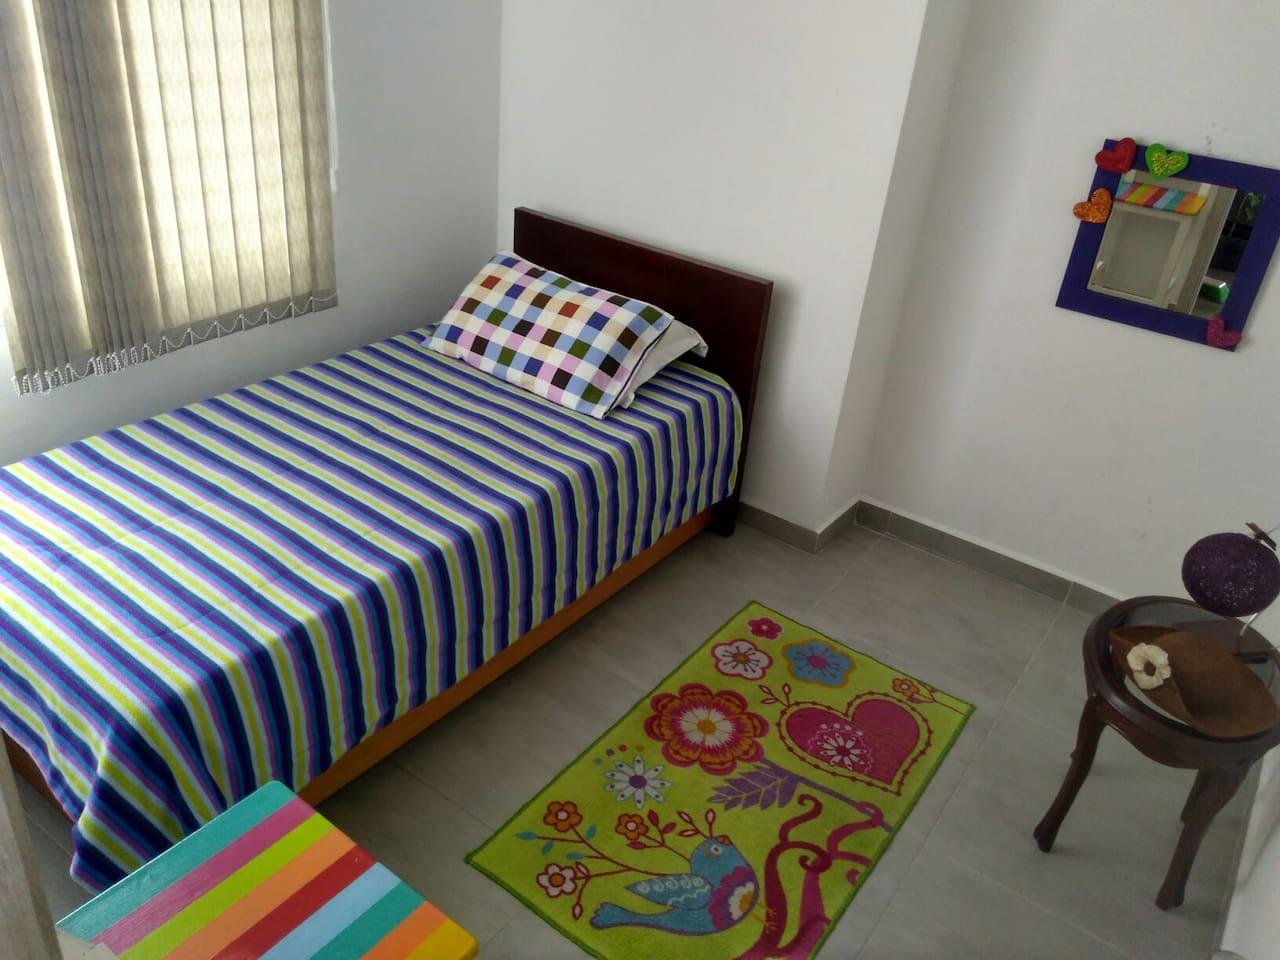 La habitación para nuestros huéspedes.